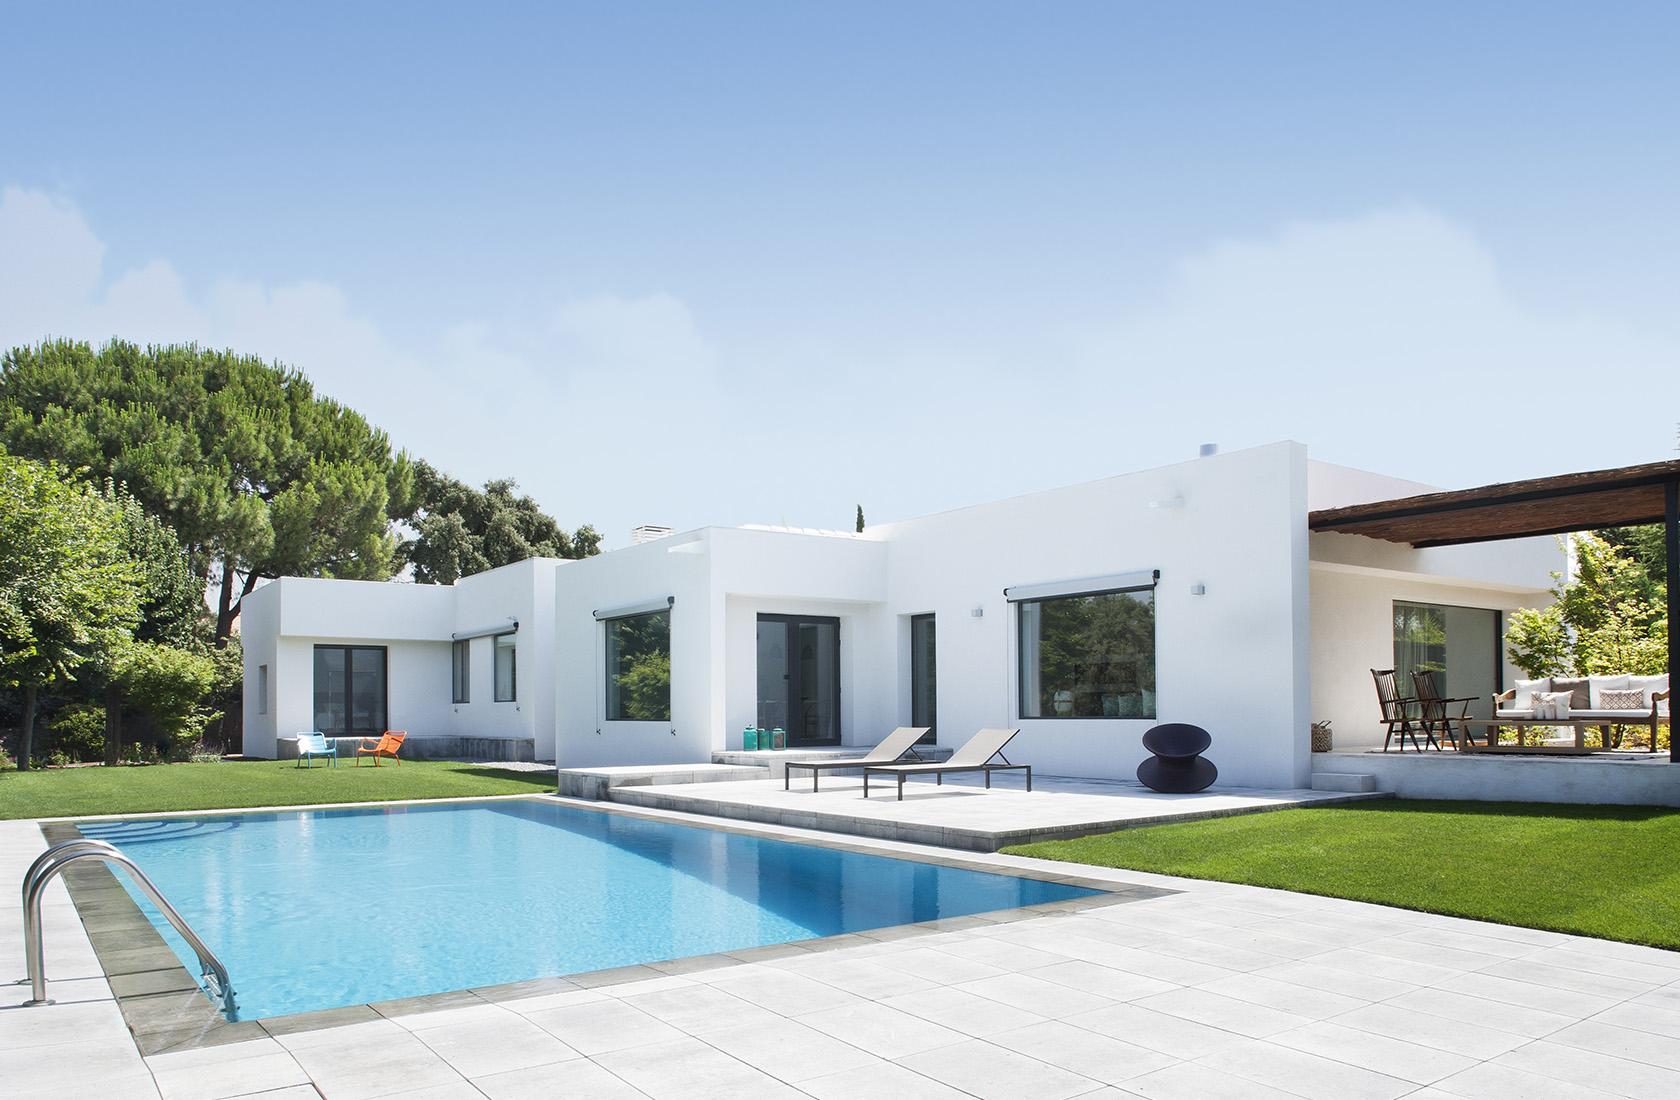 Vista general del piscina y fachada trasera de la reforma integral vivienda en La Moraleja